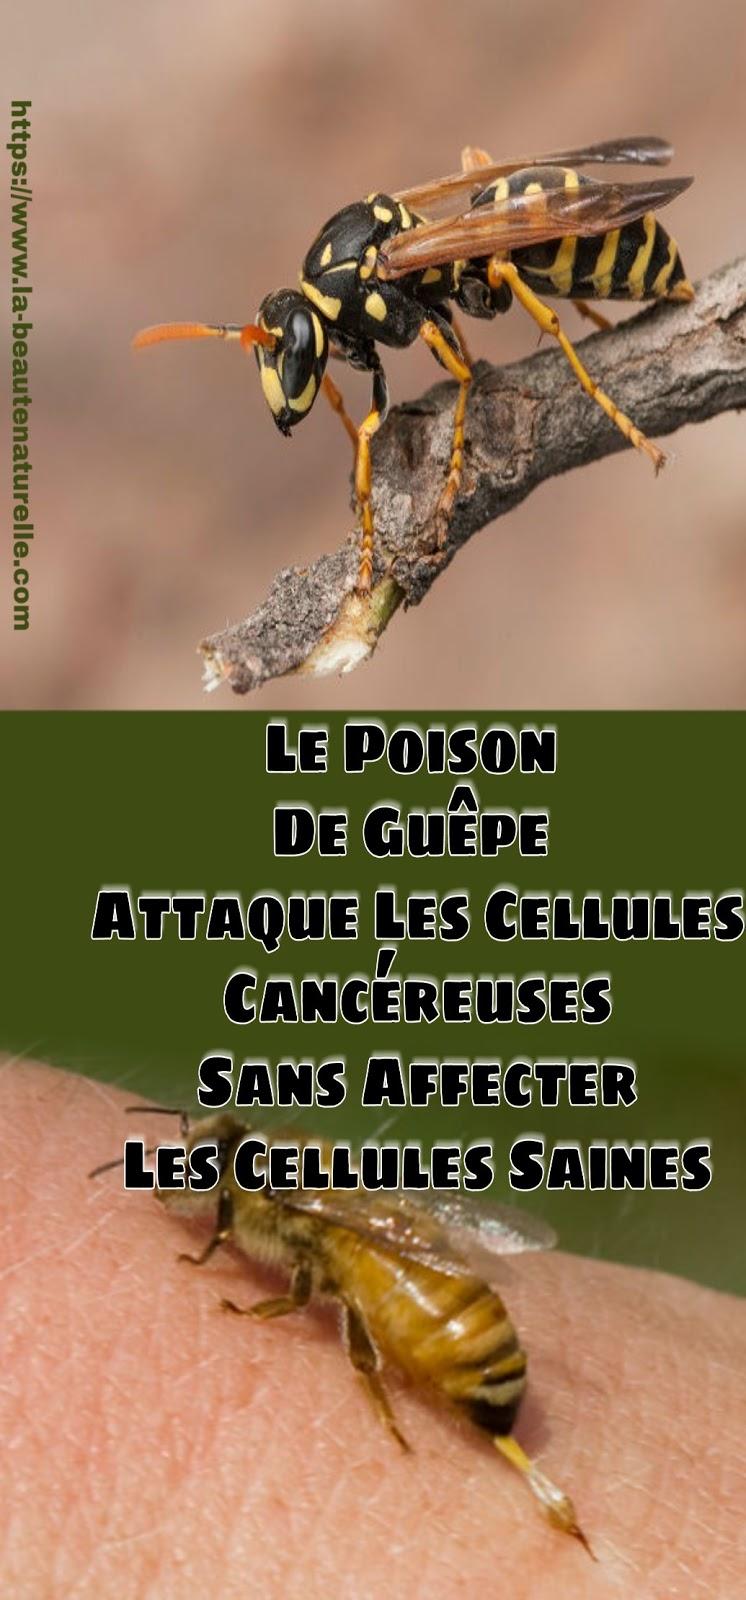 Le Poison De Guêpe Attaque Les Cellules Cancéreuses Sans Affecter Les Cellules Saines